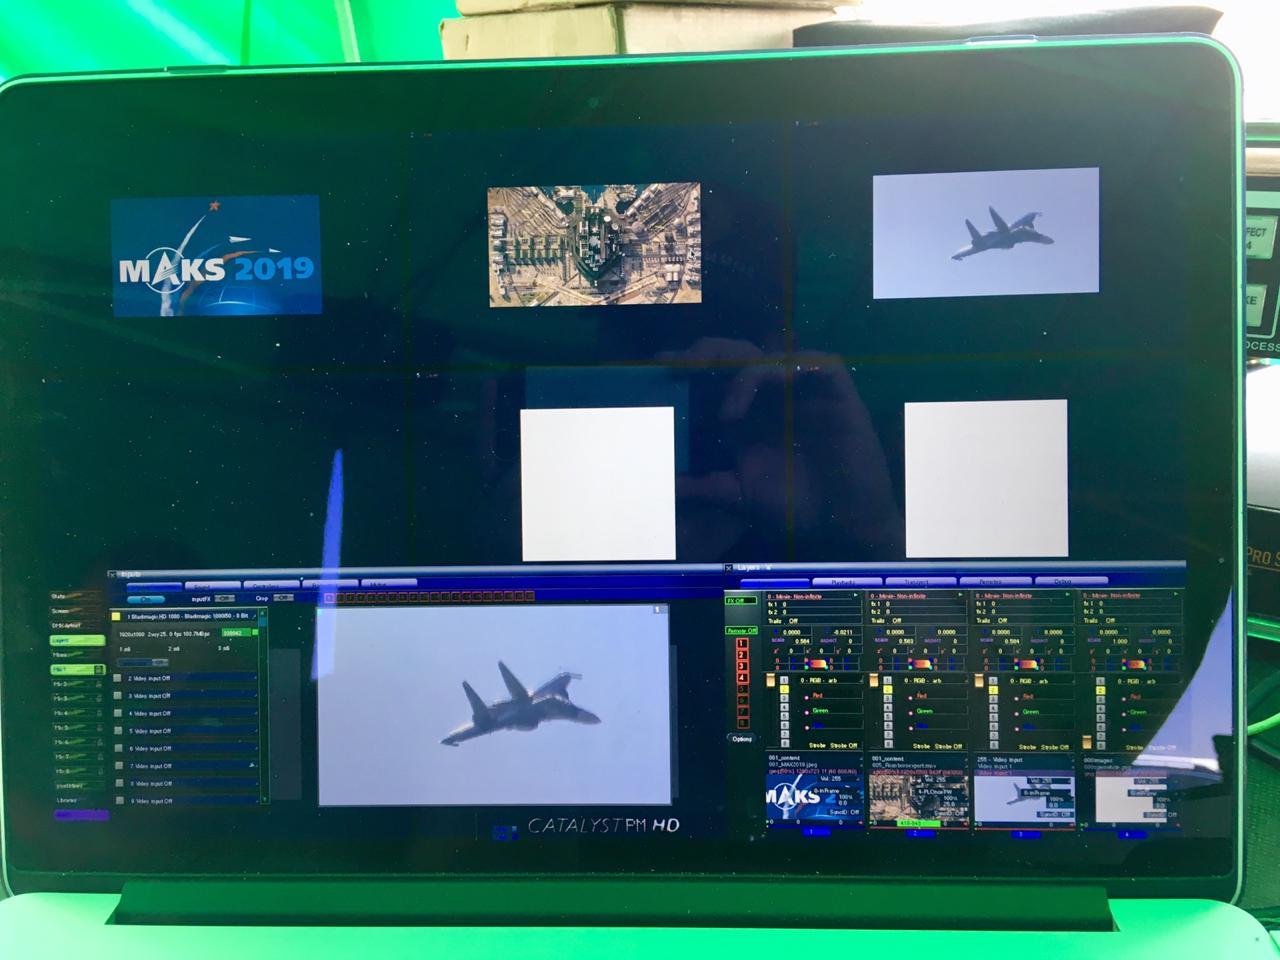 Передача видеосигналов на базе кабелей с многомодовым волокном MM4. Фото: Константин Перебатов